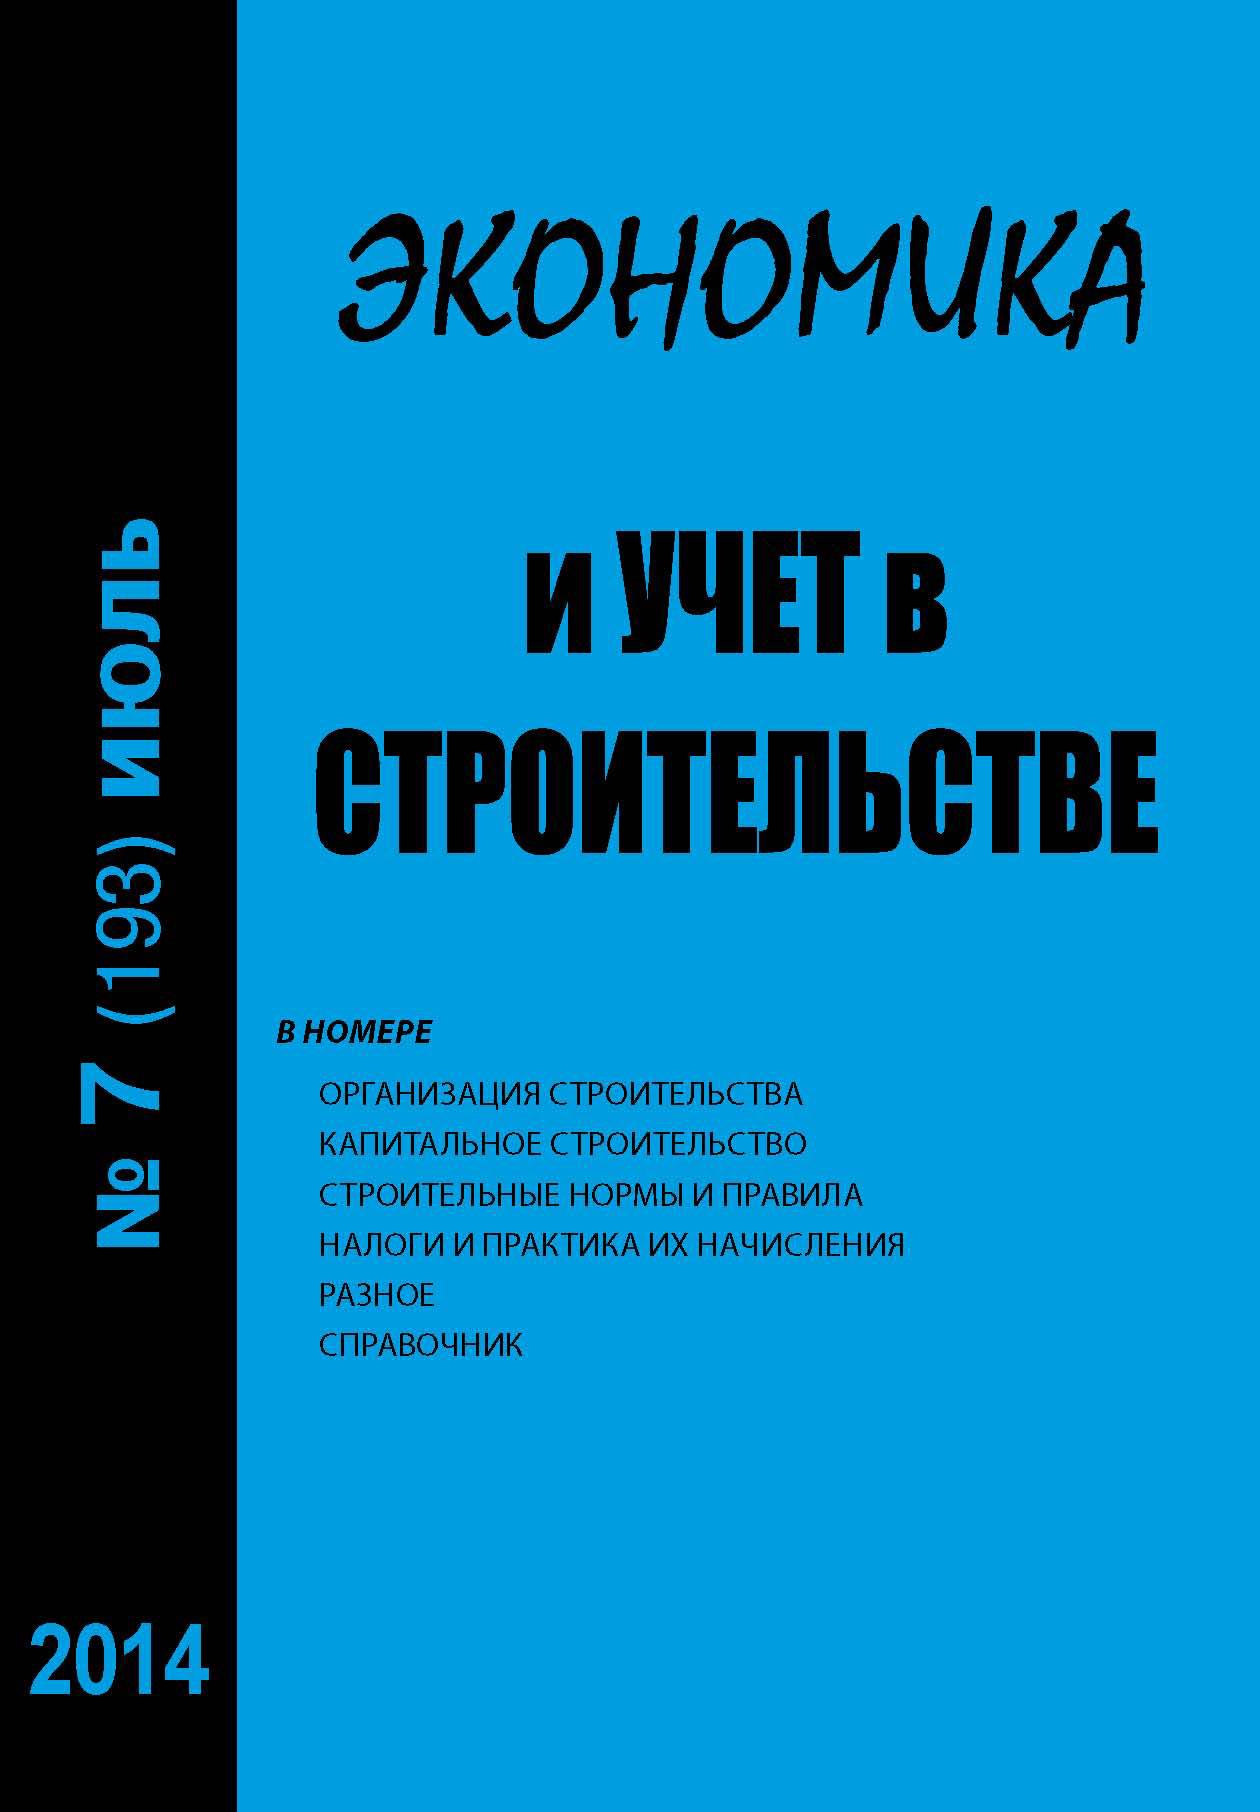 Экономика и учет в строительстве №7 (193) 2014